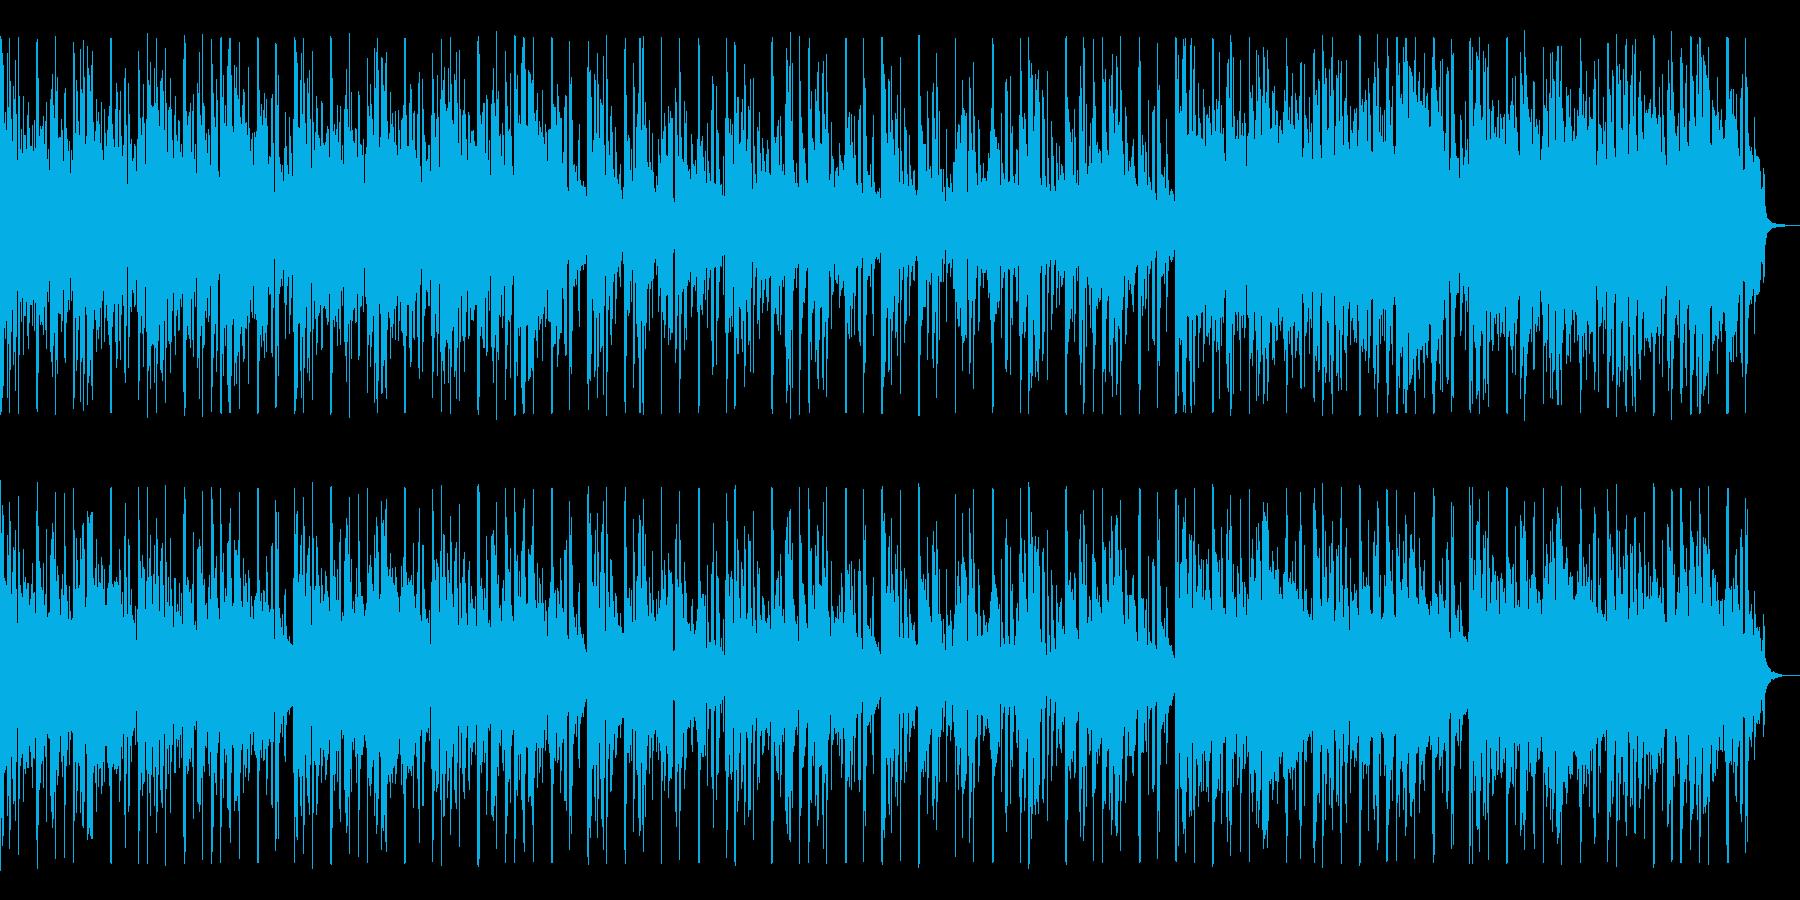 ノスタルジックなギター・インストの再生済みの波形